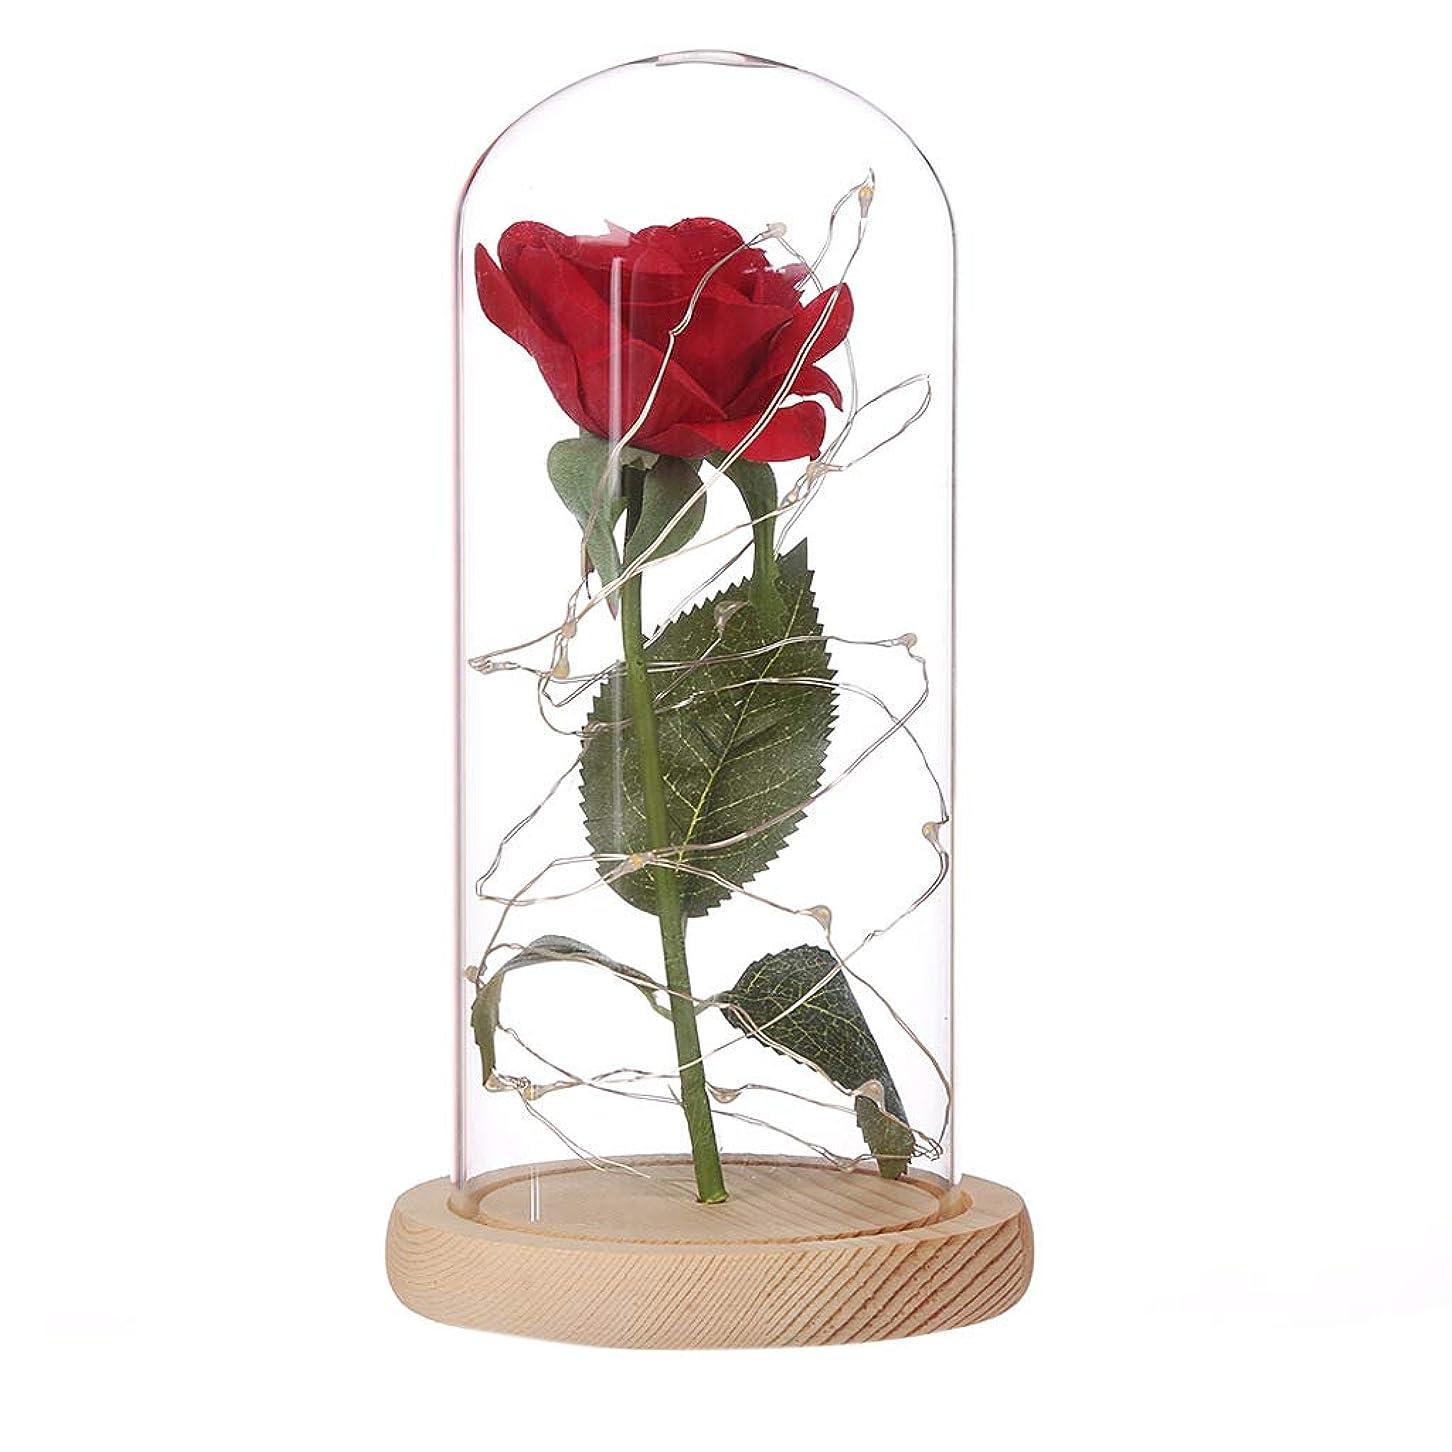 送った先入観誇りに思うEasy Raku 造花バラ ガラス ランプ 枯れない薔薇 LEDライト付き 電球 電池式 置物 飾り インテリア 装飾 おしゃれ ロマンチック 人気ギフト 花ギフト 結婚式 記念日 誕生日プレゼント クリスマスプレゼント (クリーム)